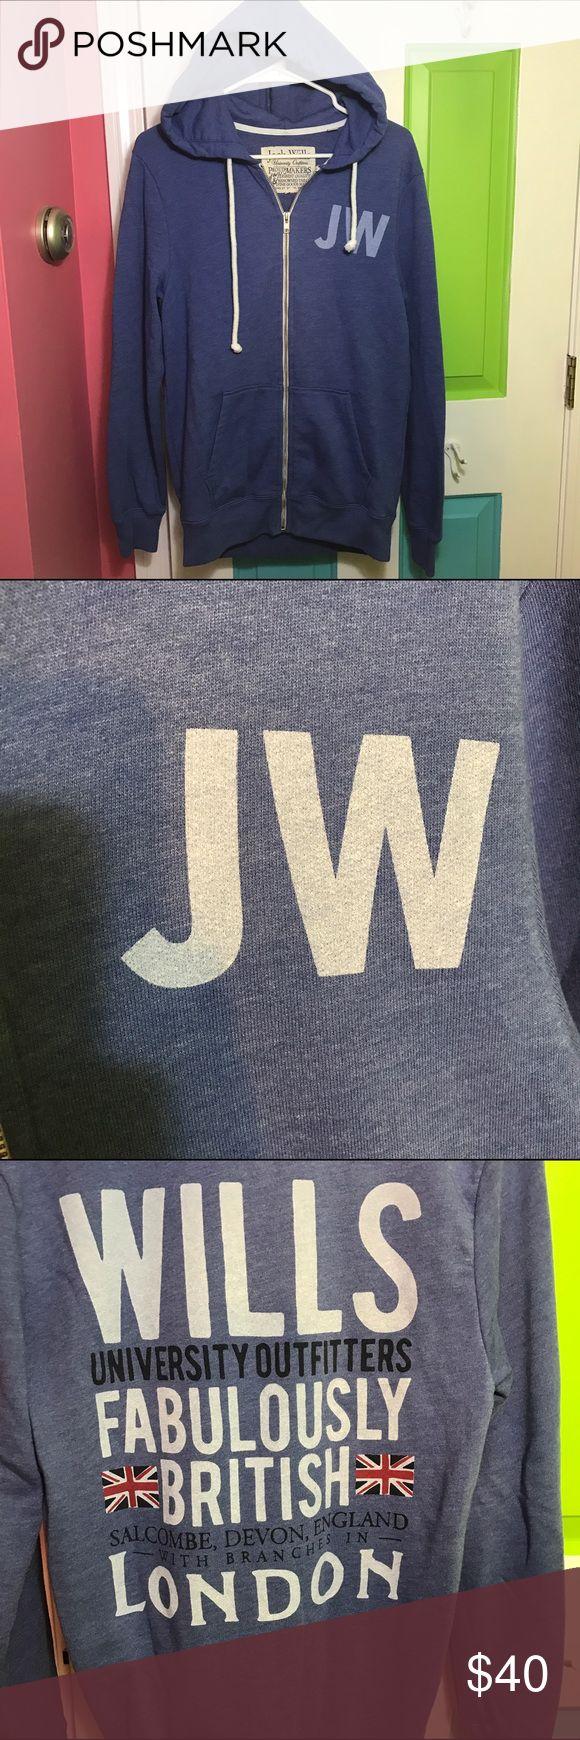 Jack wills sweatshirt Like new! Worn once. 50% cotton 50% polyester Jack Wills Shirts Sweatshirts & Hoodies